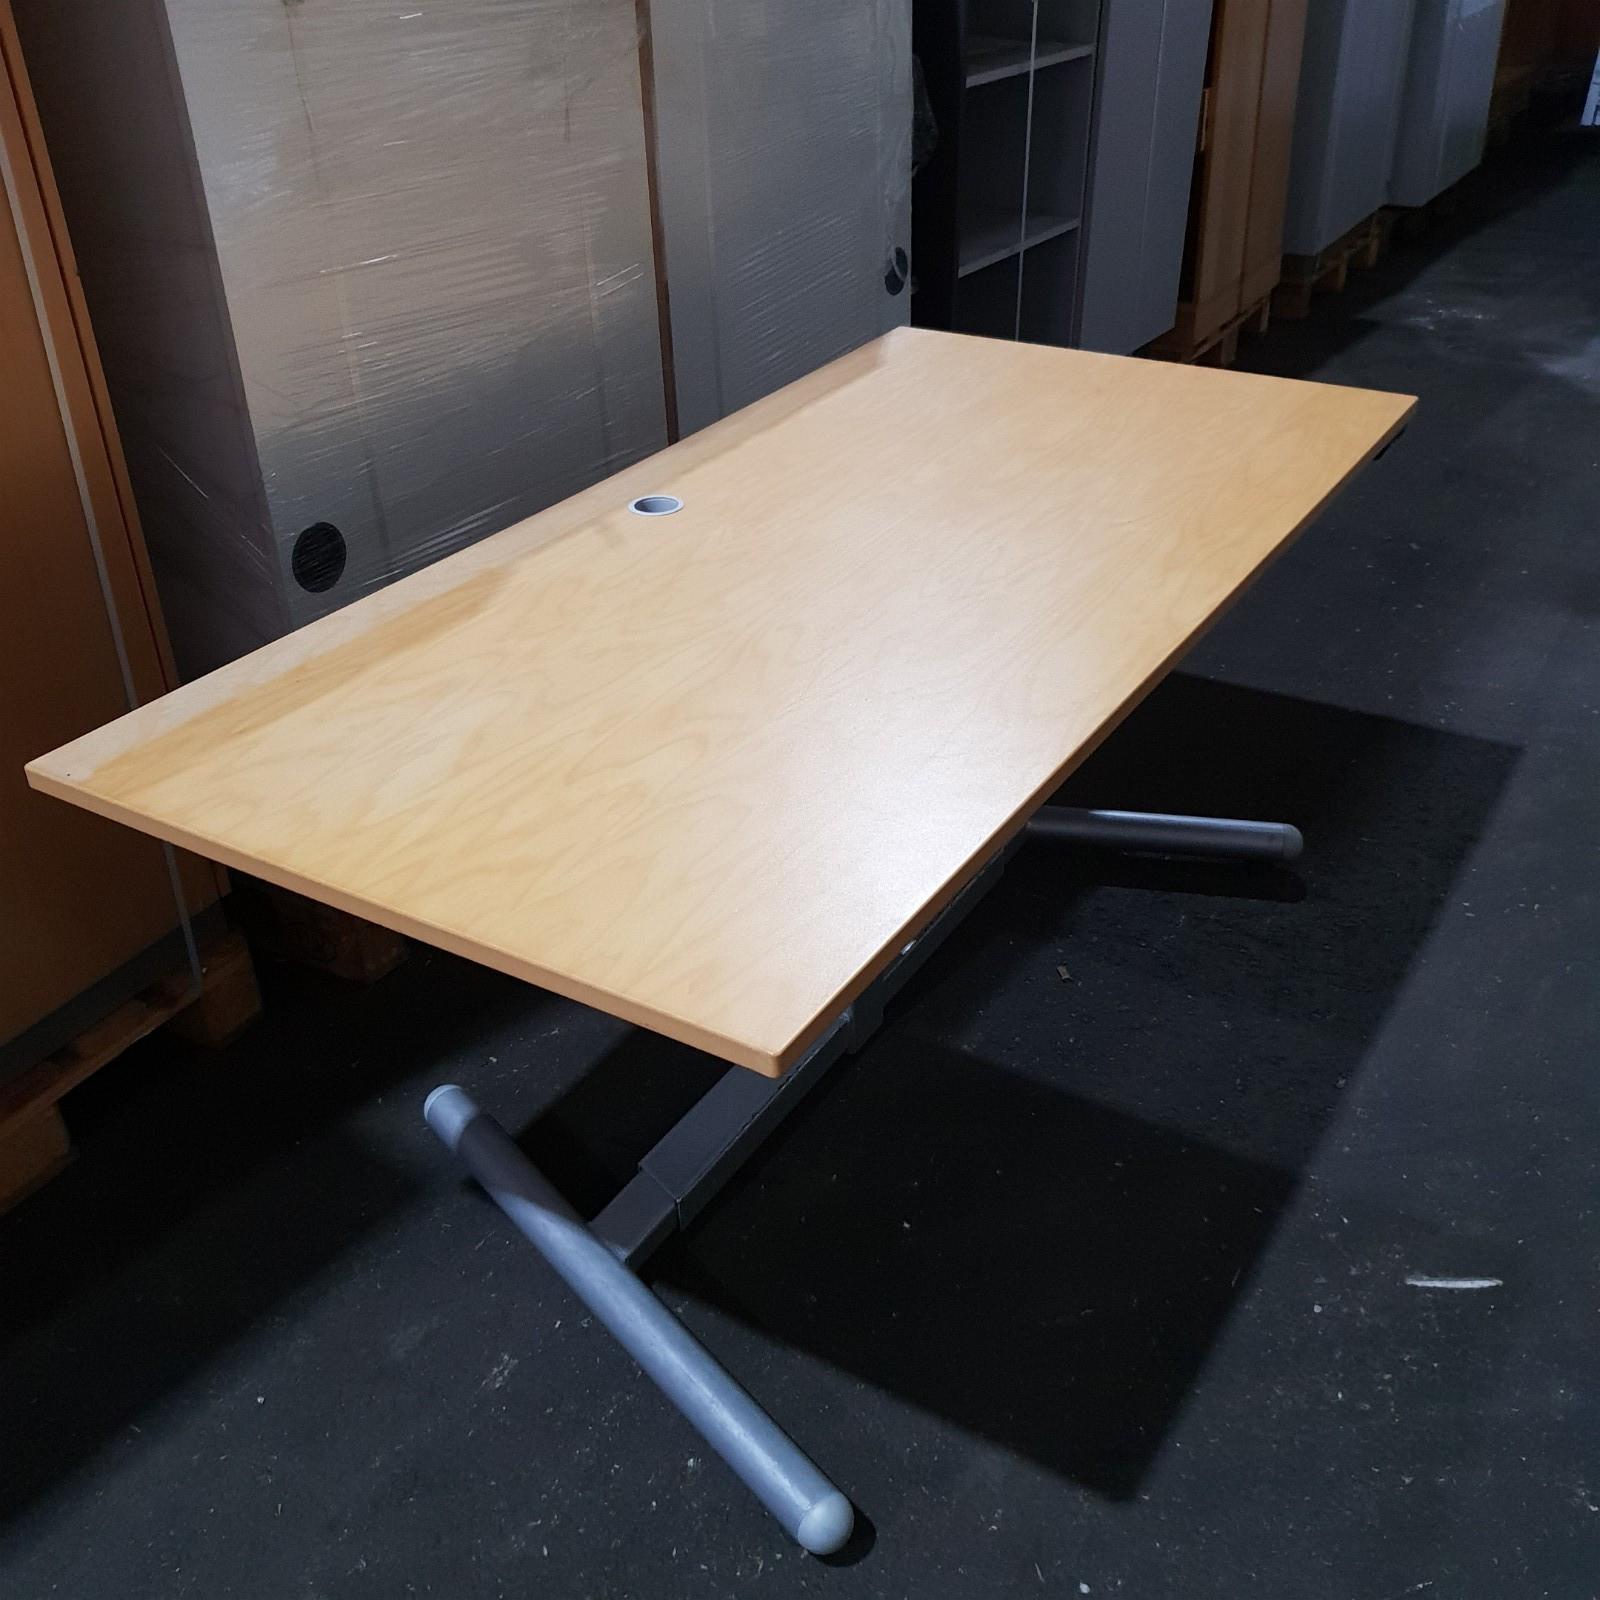 Modish 16 stk - EFG skrivebord, bjørk, 1 pilar hev/senk - Brukte UU-27